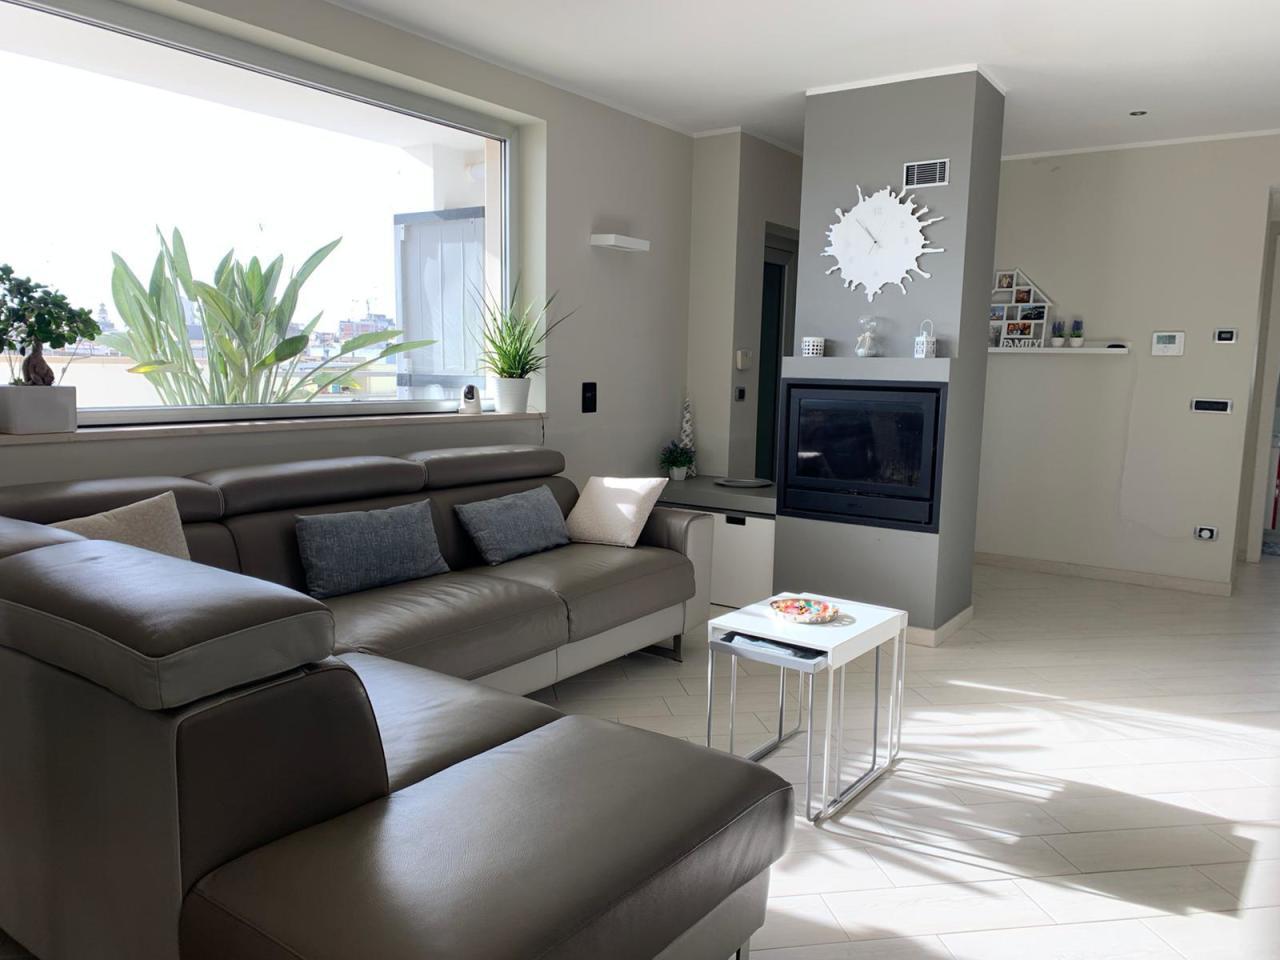 Appartamento in vendita a Casamassima, 5 locali, prezzo € 255.000 | PortaleAgenzieImmobiliari.it